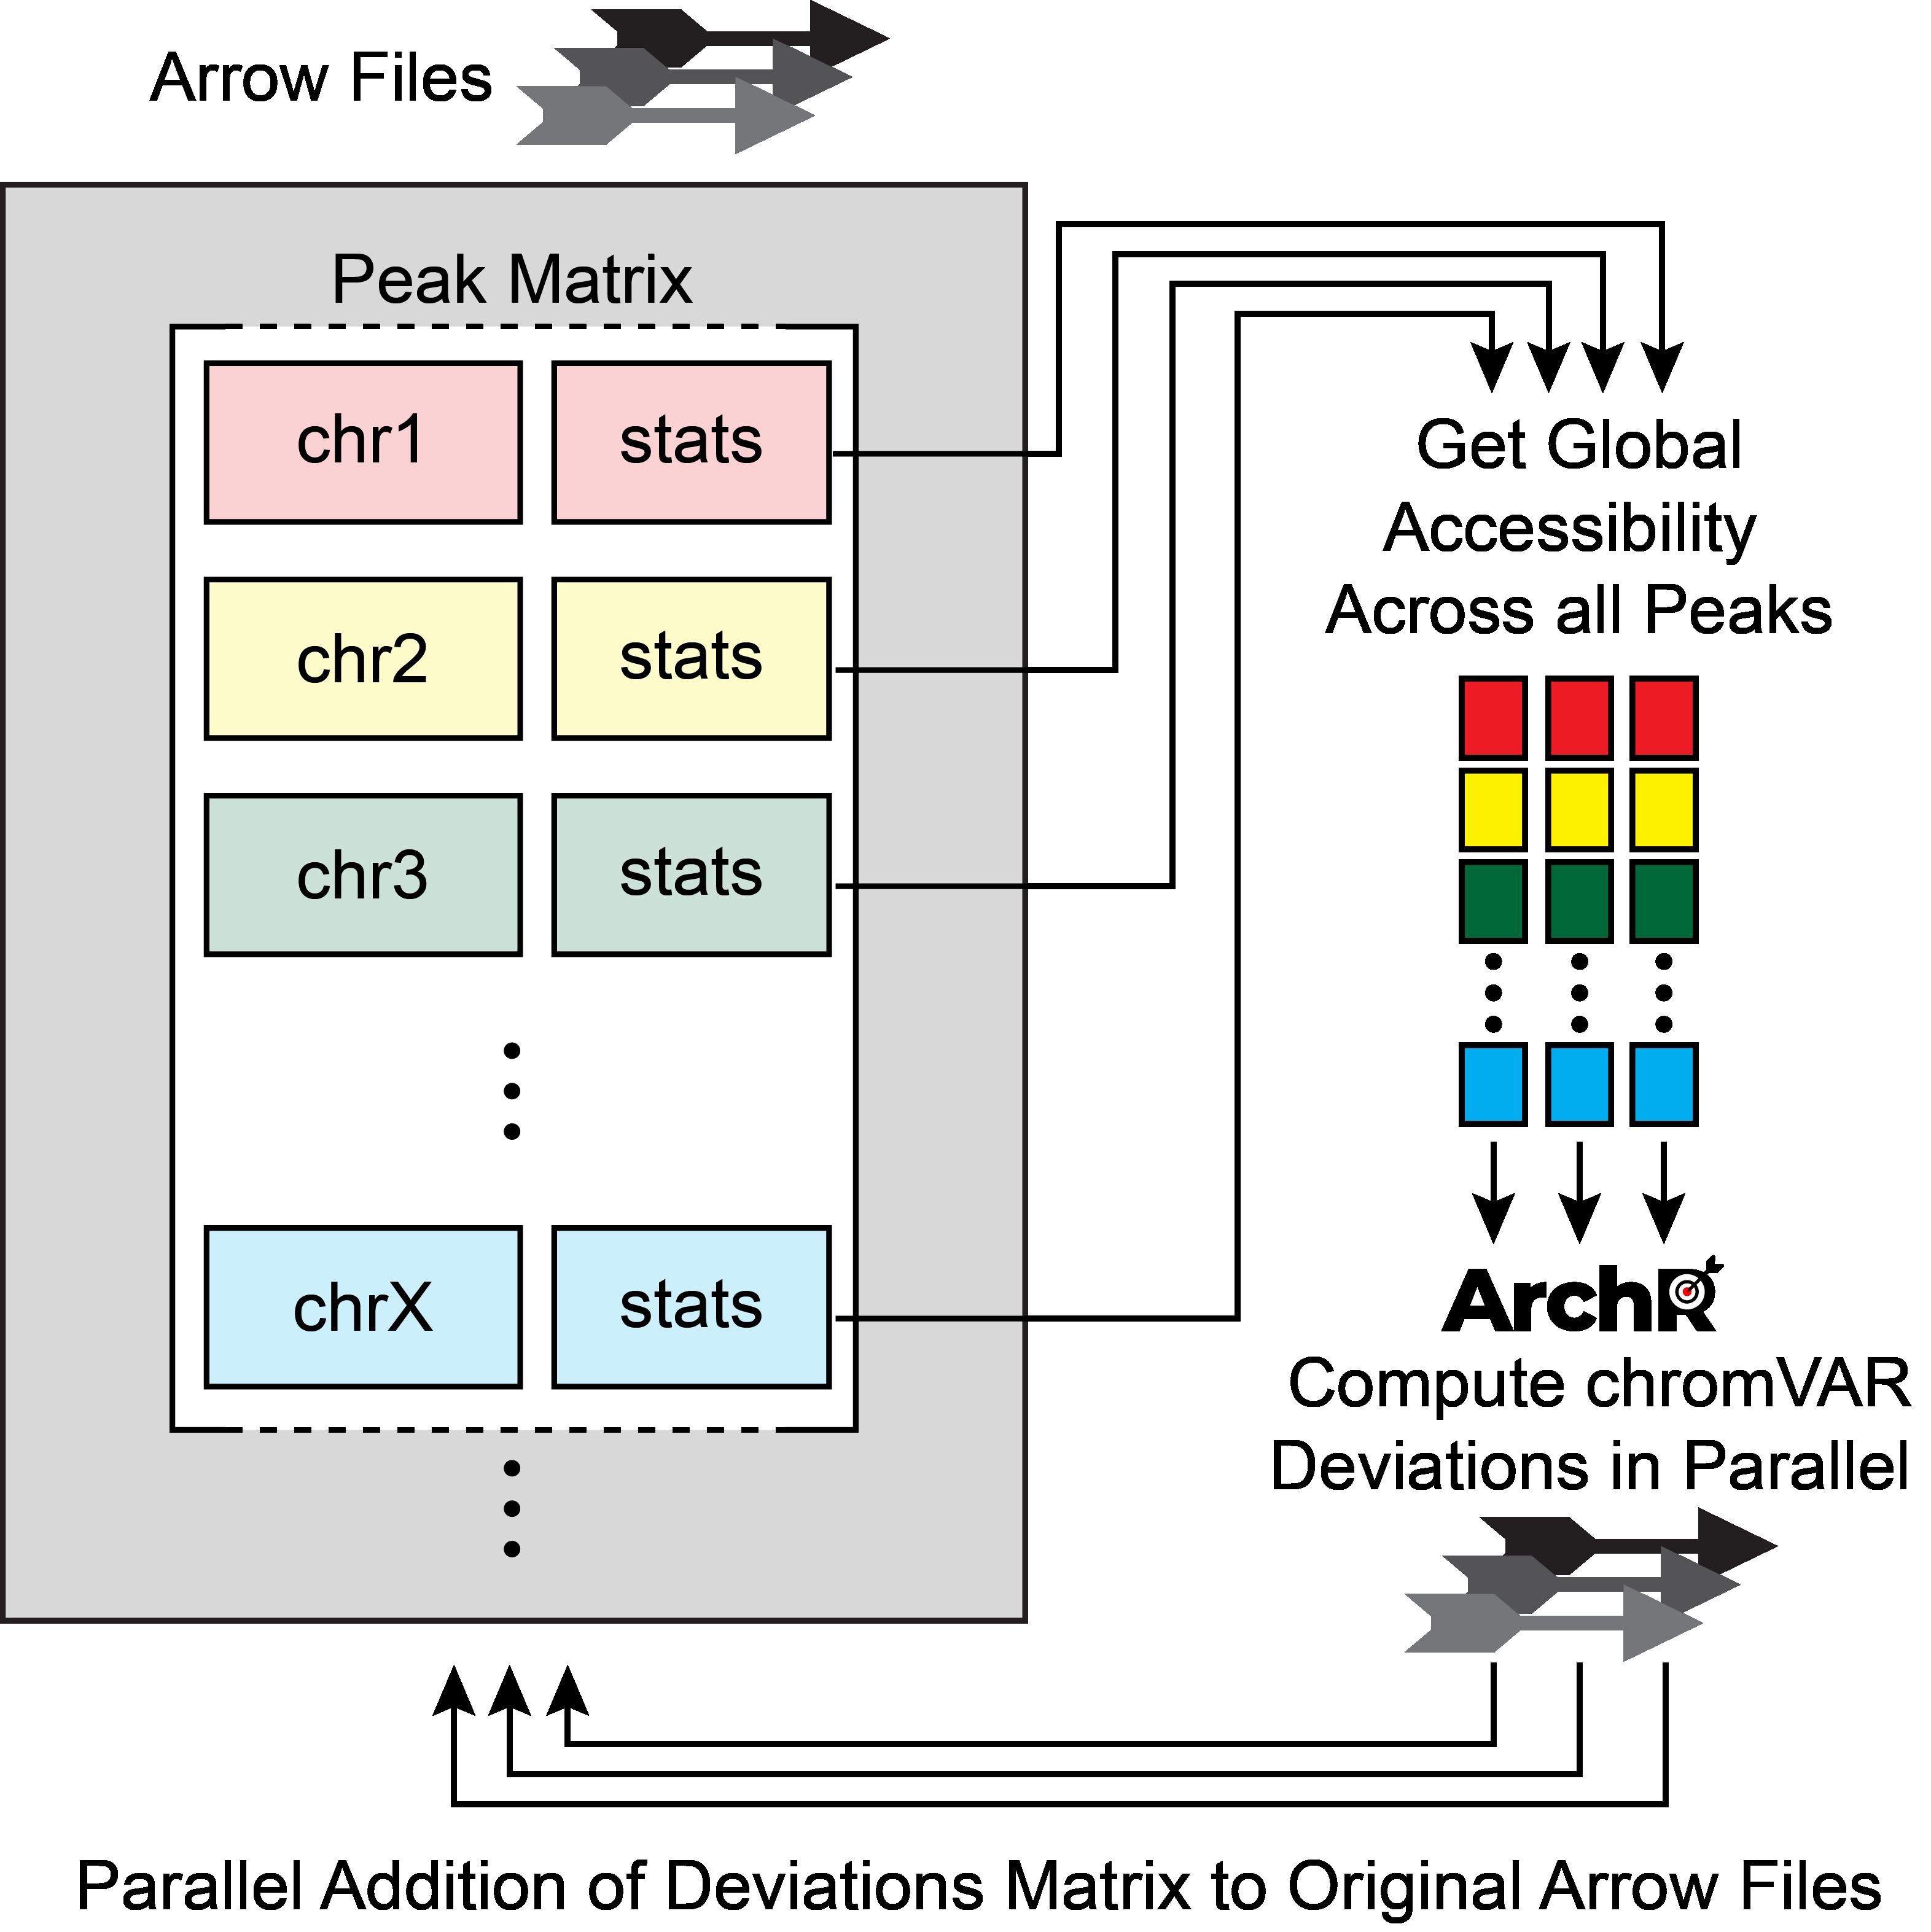 ArchR_chromVAR_Parallelization